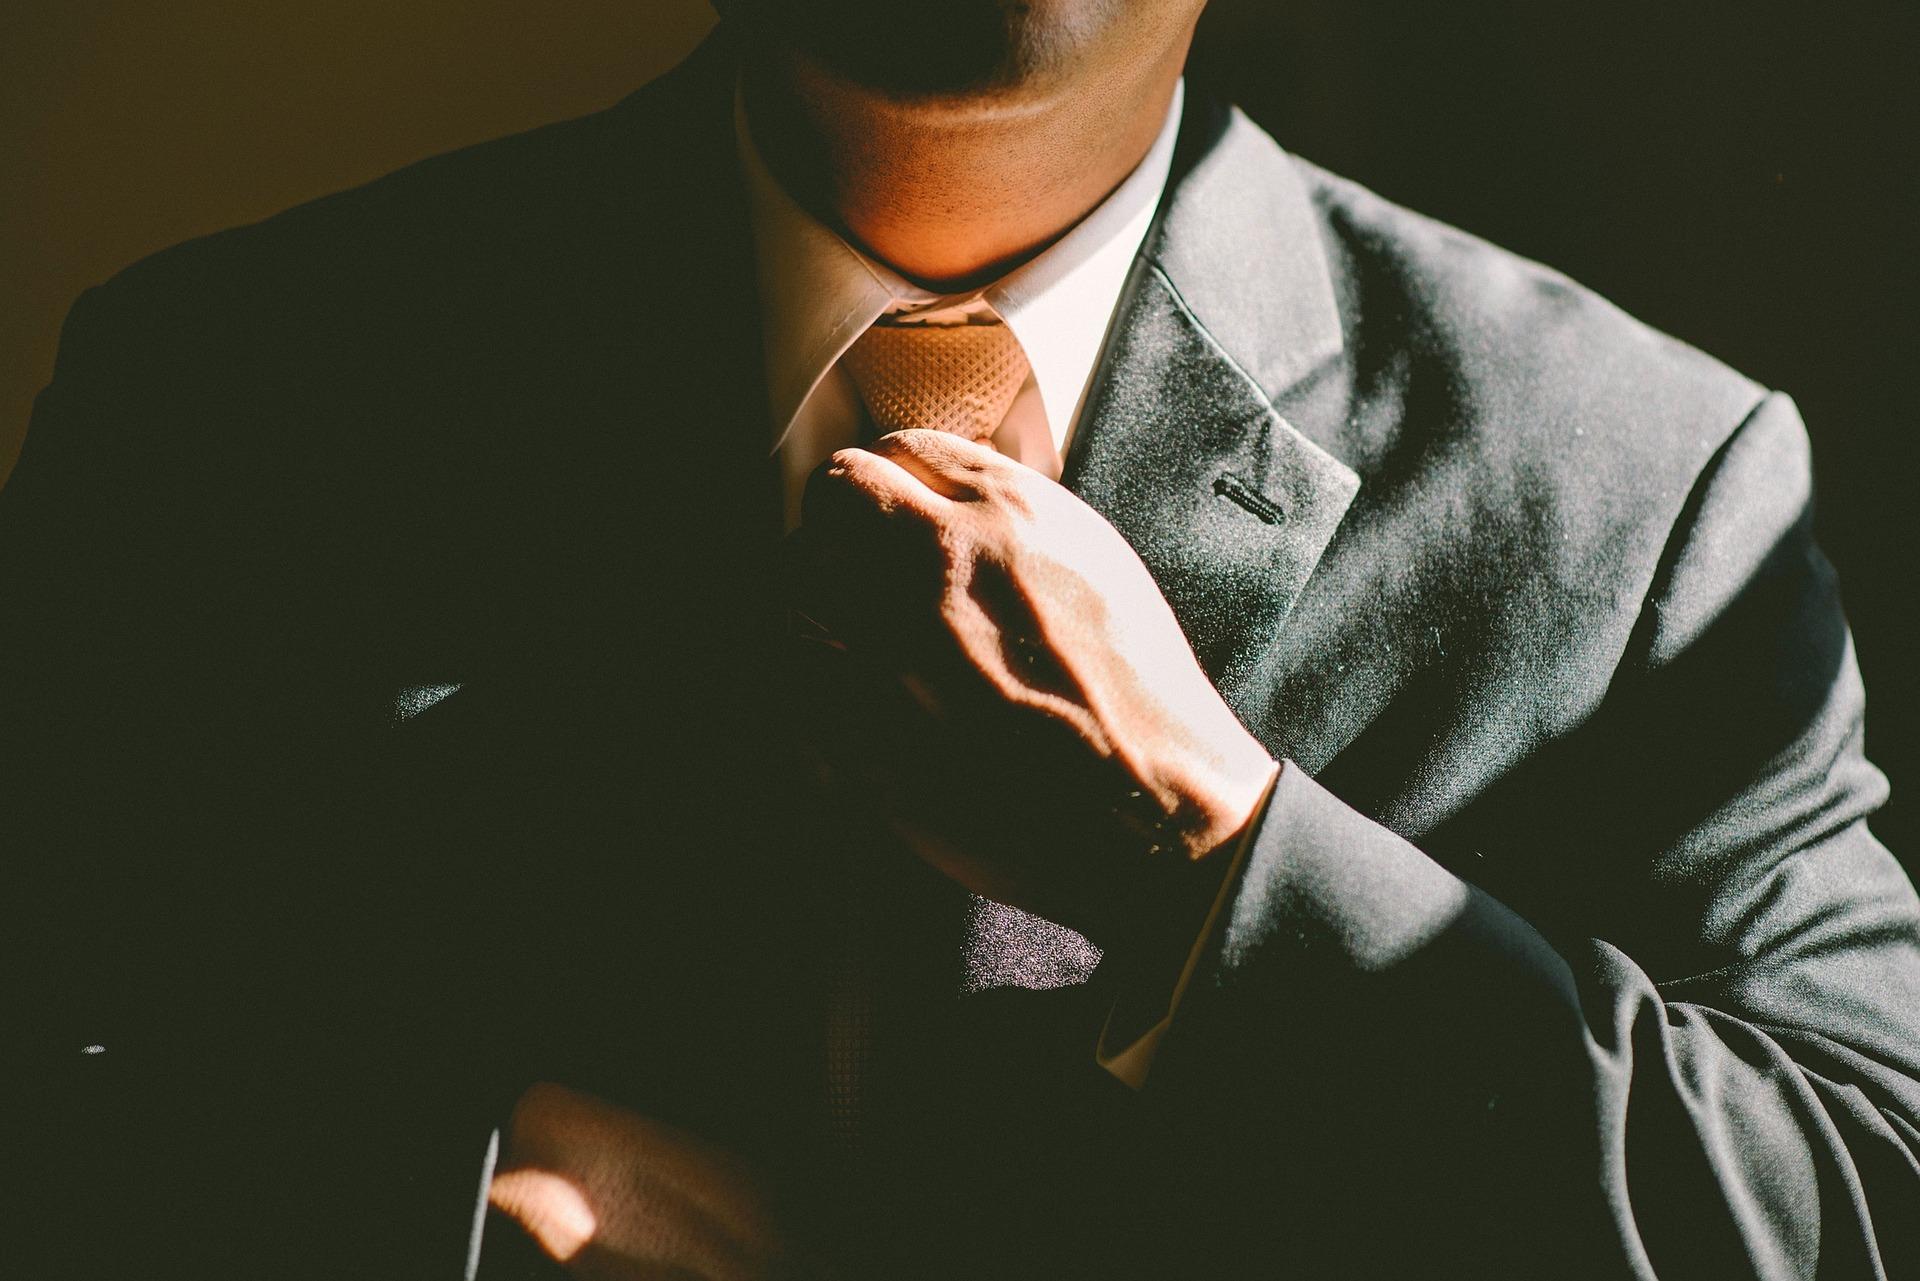 40代で起業するのは遅い!? 年齢なんて関係ないこれからの起業の成功法則